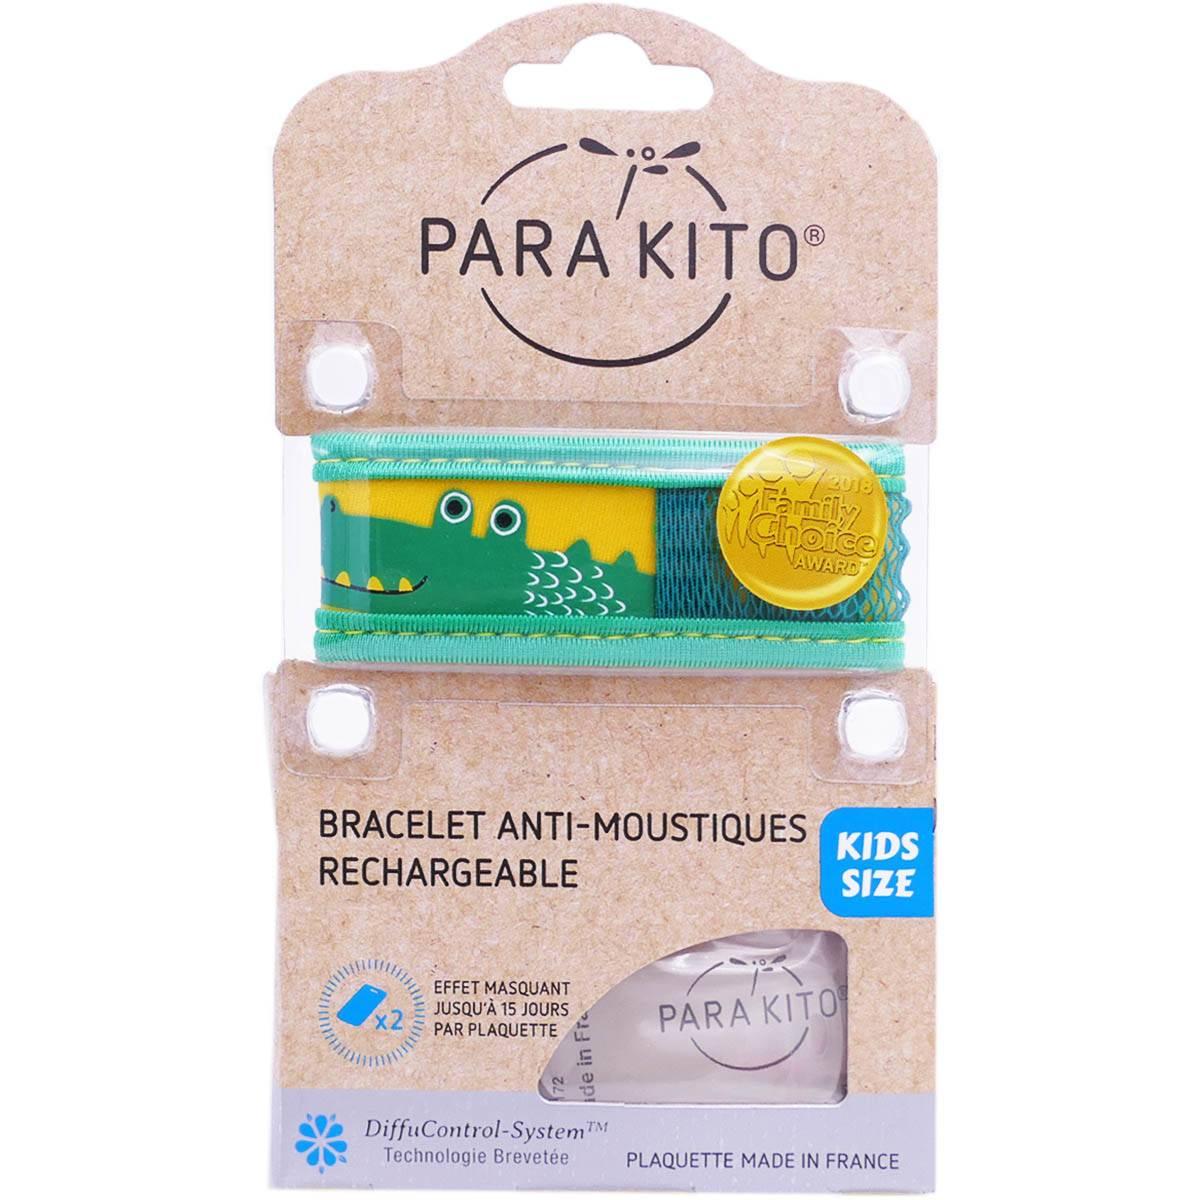 Para kito kids bracelet anti moustiques rechargeable